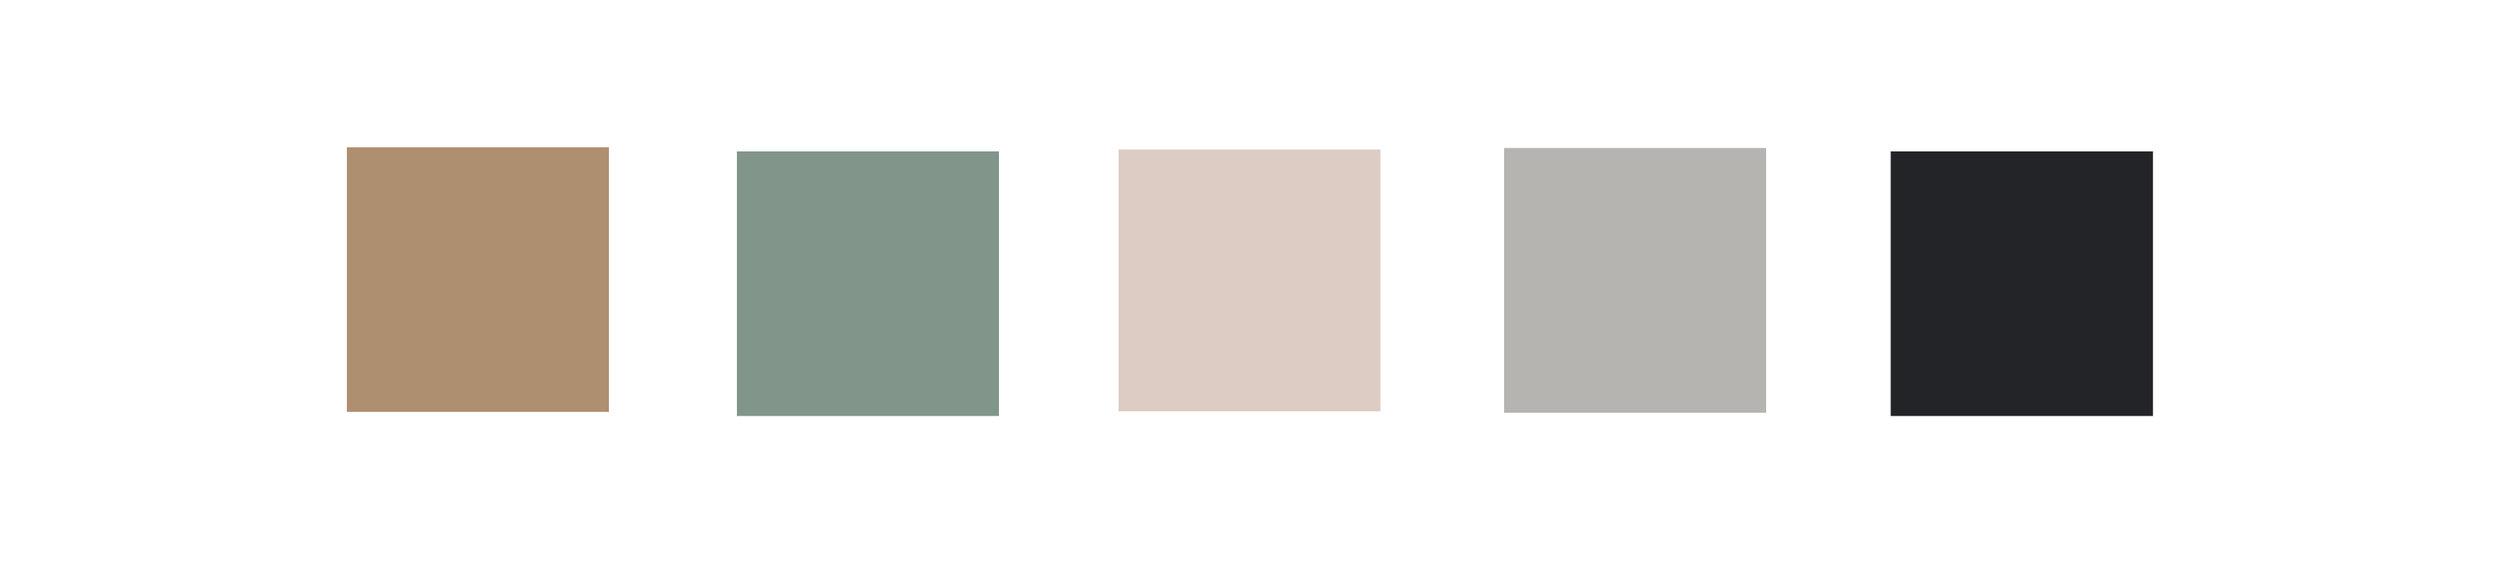 colors-02.jpg